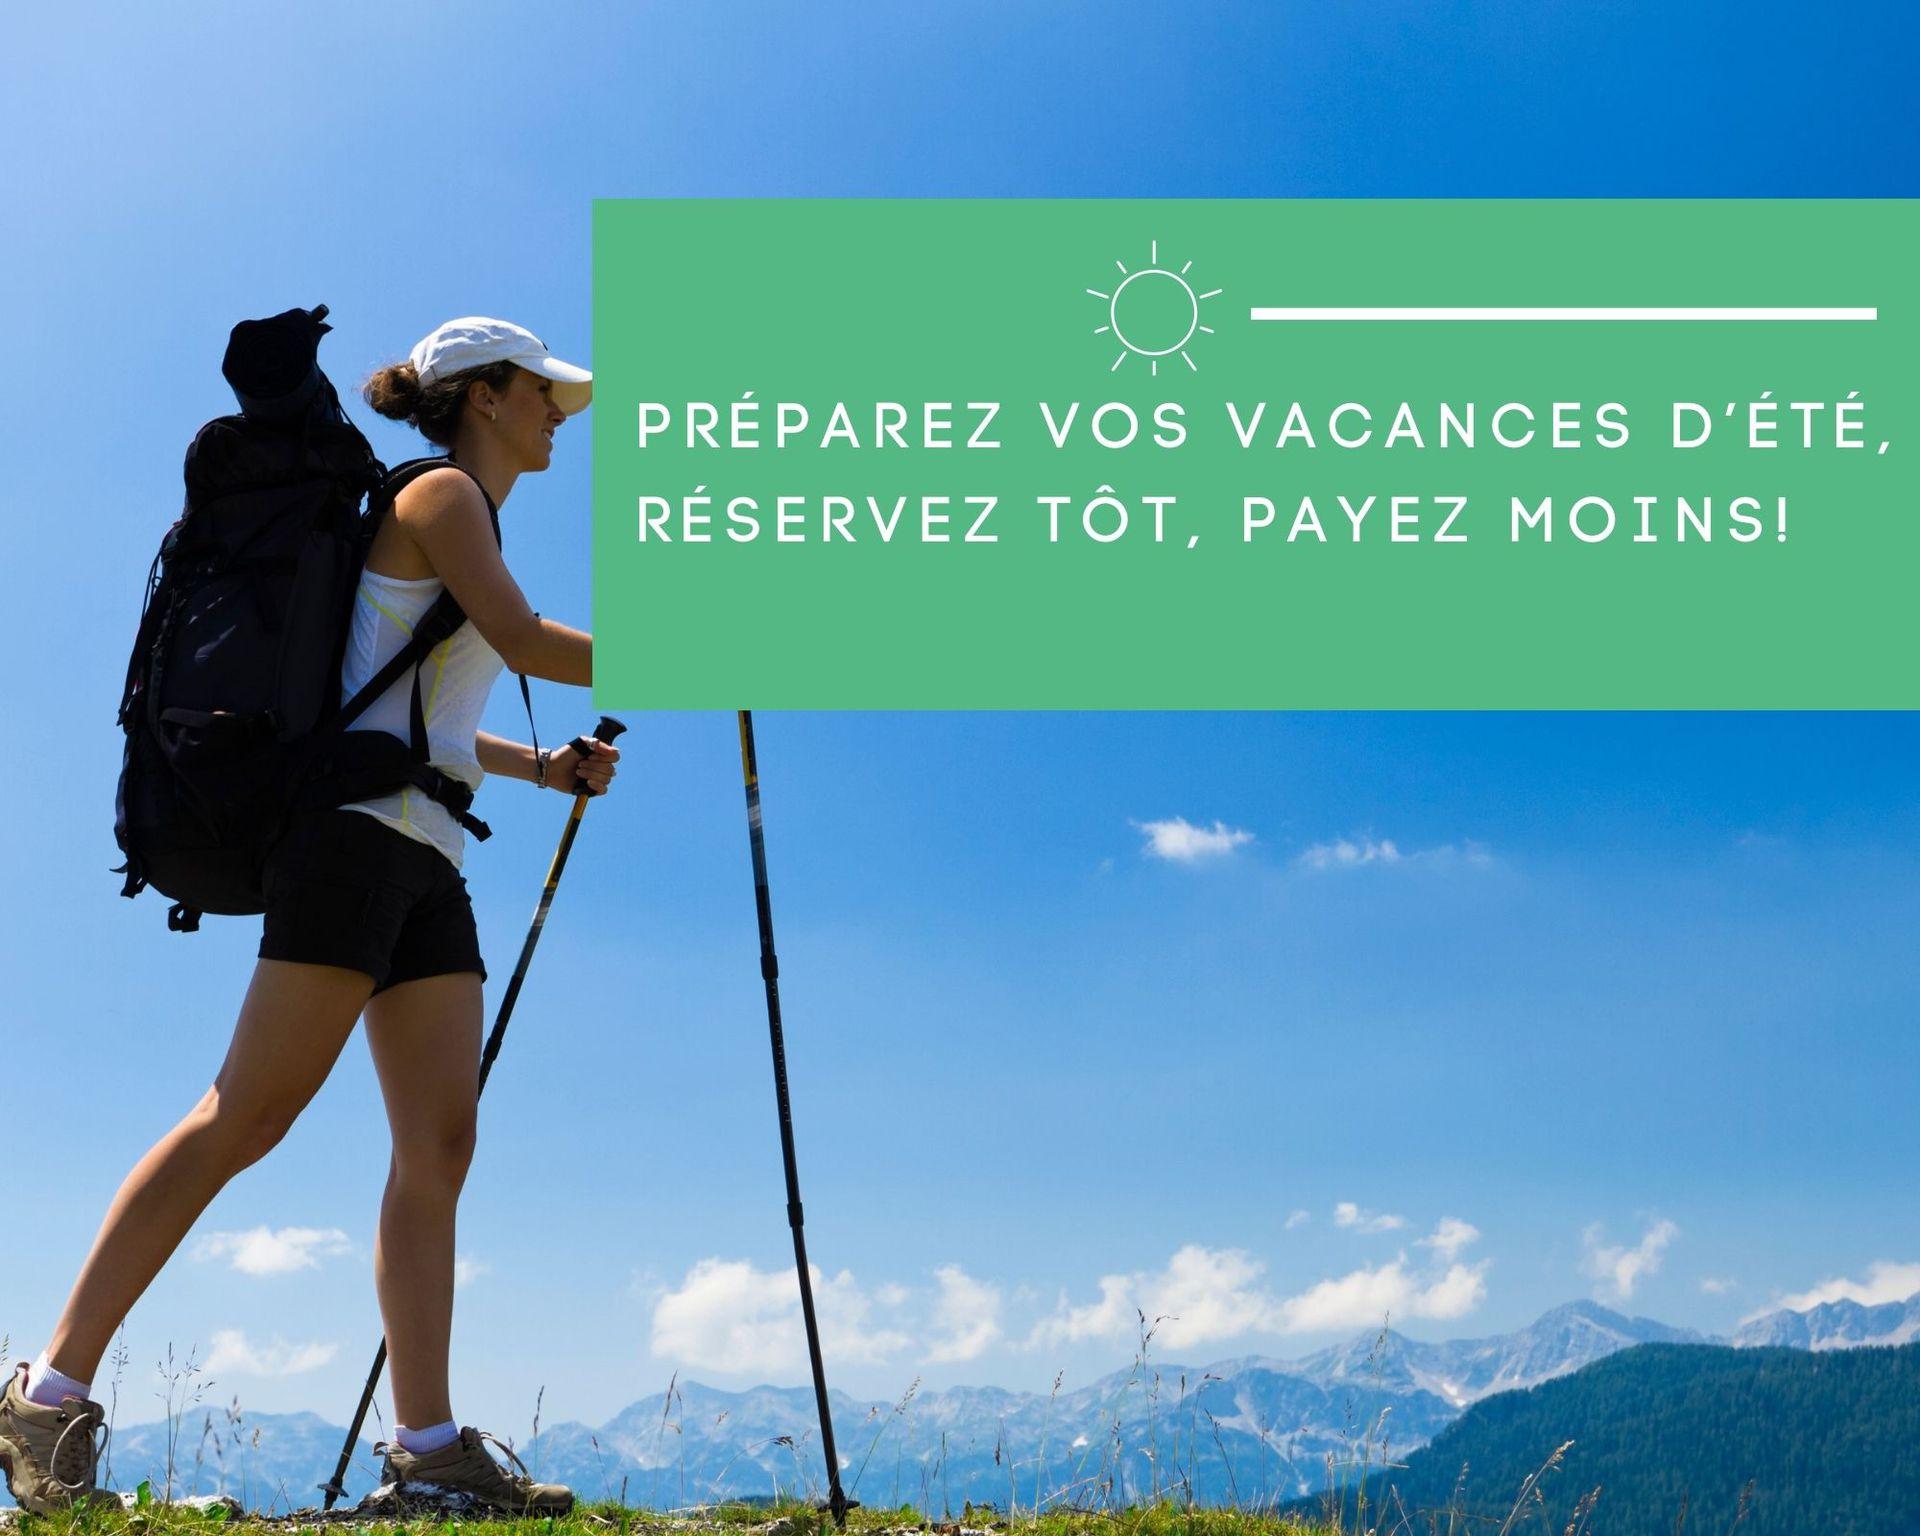 Réduction sur la réservation anticipée de vos vacances d'été